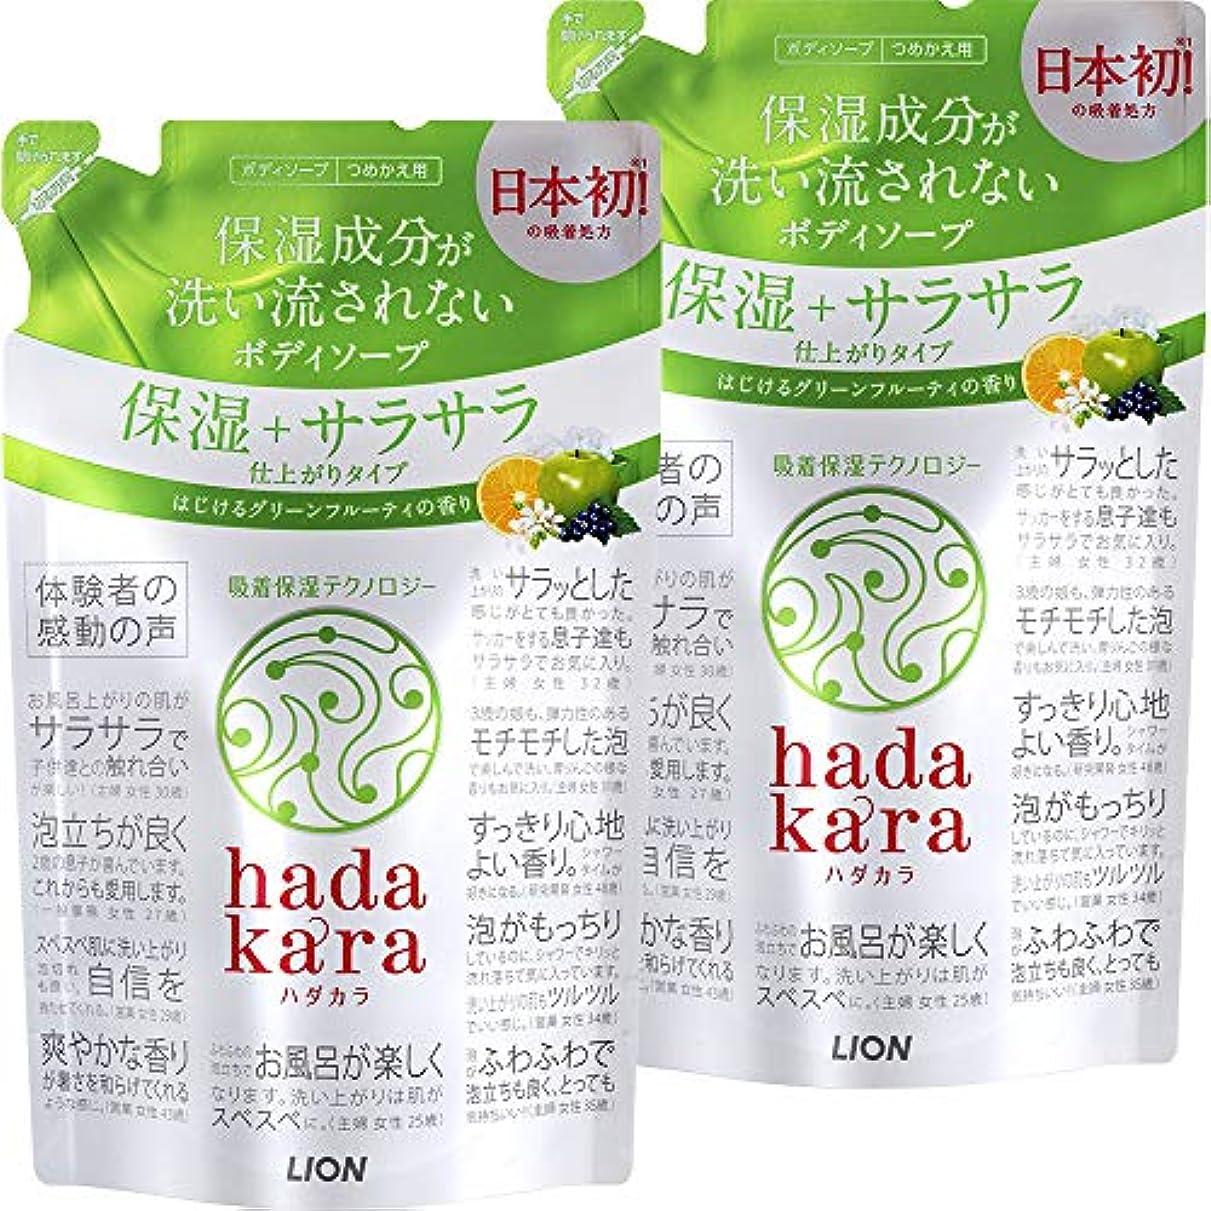 無許可ポンプめまい【まとめ買い】hadakara(ハダカラ) ボディソープ 保湿+サラサラ仕上がりタイプ グリーンフルーティの香り 詰め替え 340ml×2個パック